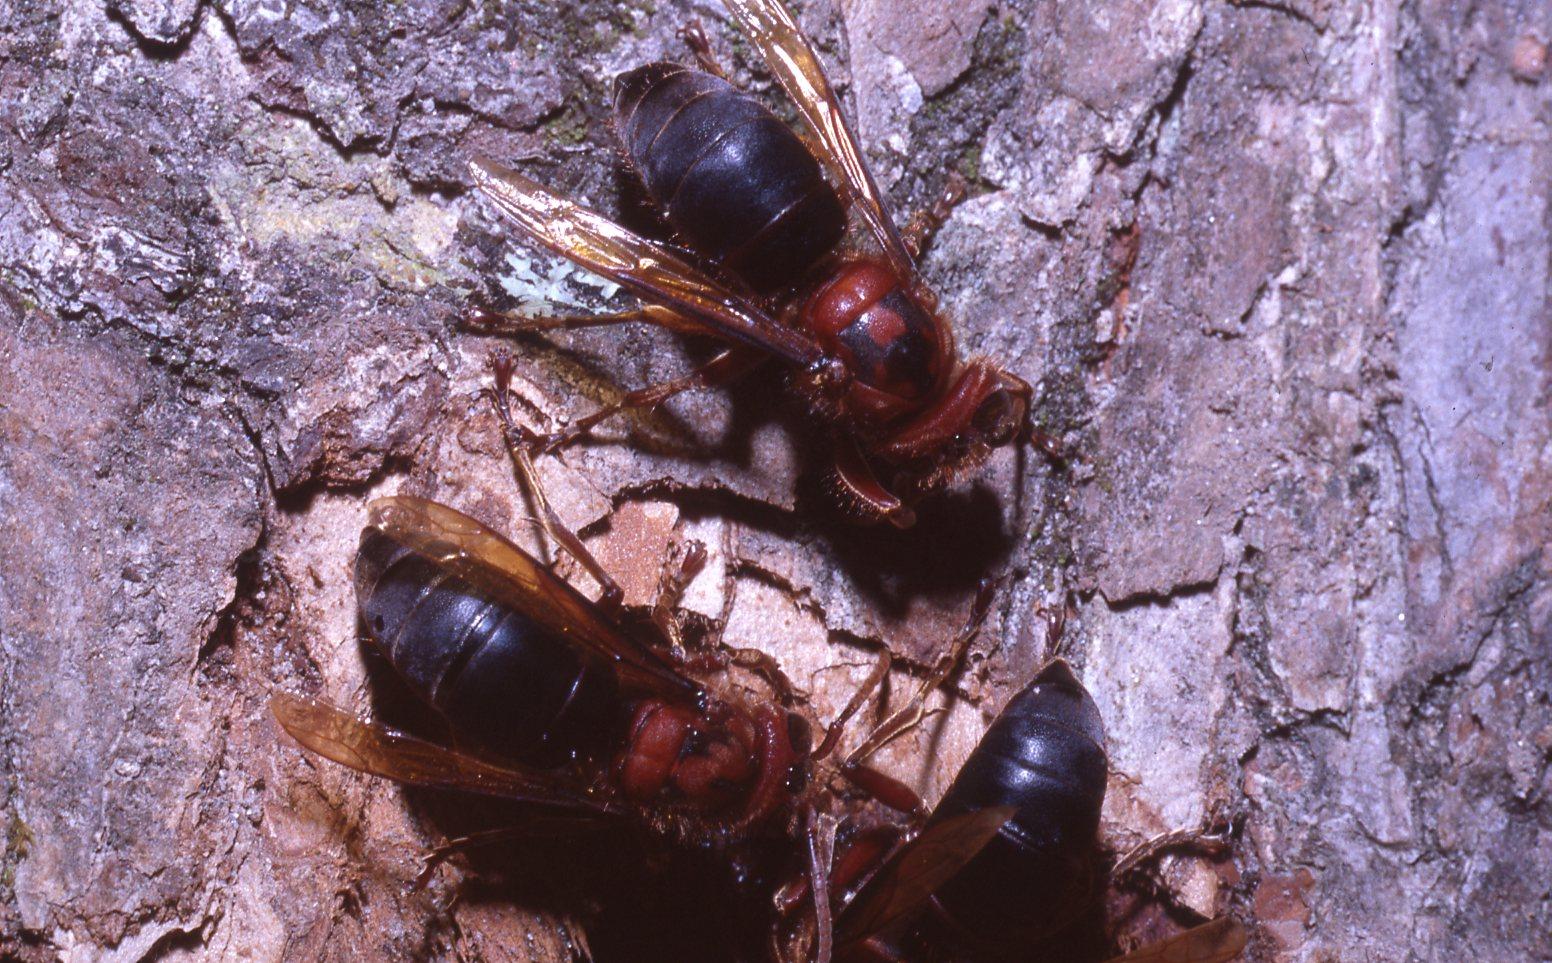 ふるさとの物語 第54回「チャイロスズメバチ」~ほかのハチの巣で子育て~